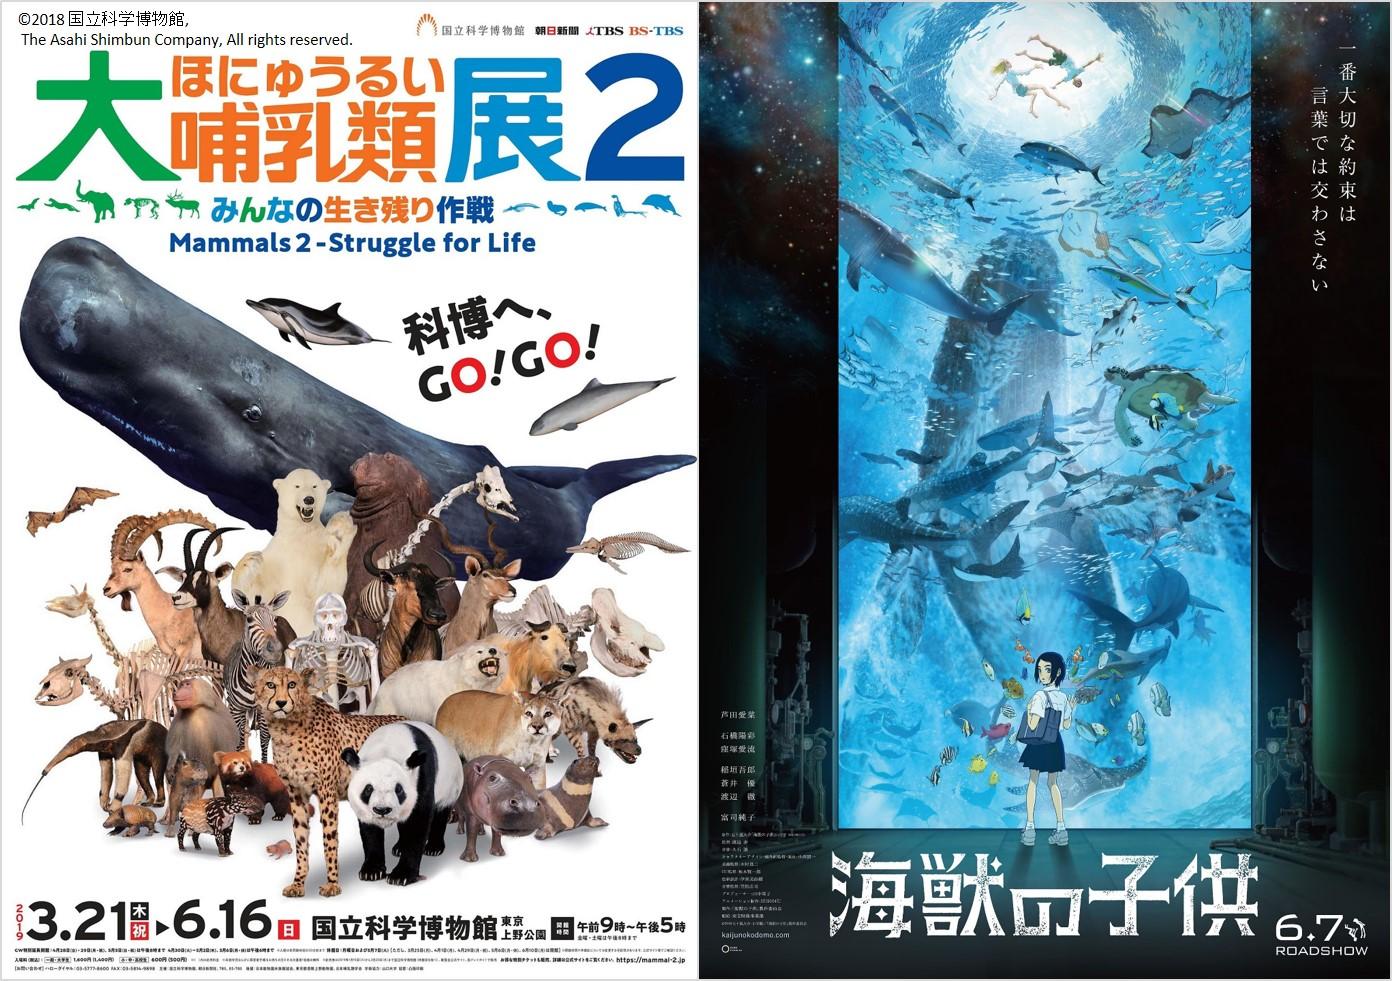 【画像】「大哺乳類展2」× 映画『海獣の子供』ポスタービジュアル